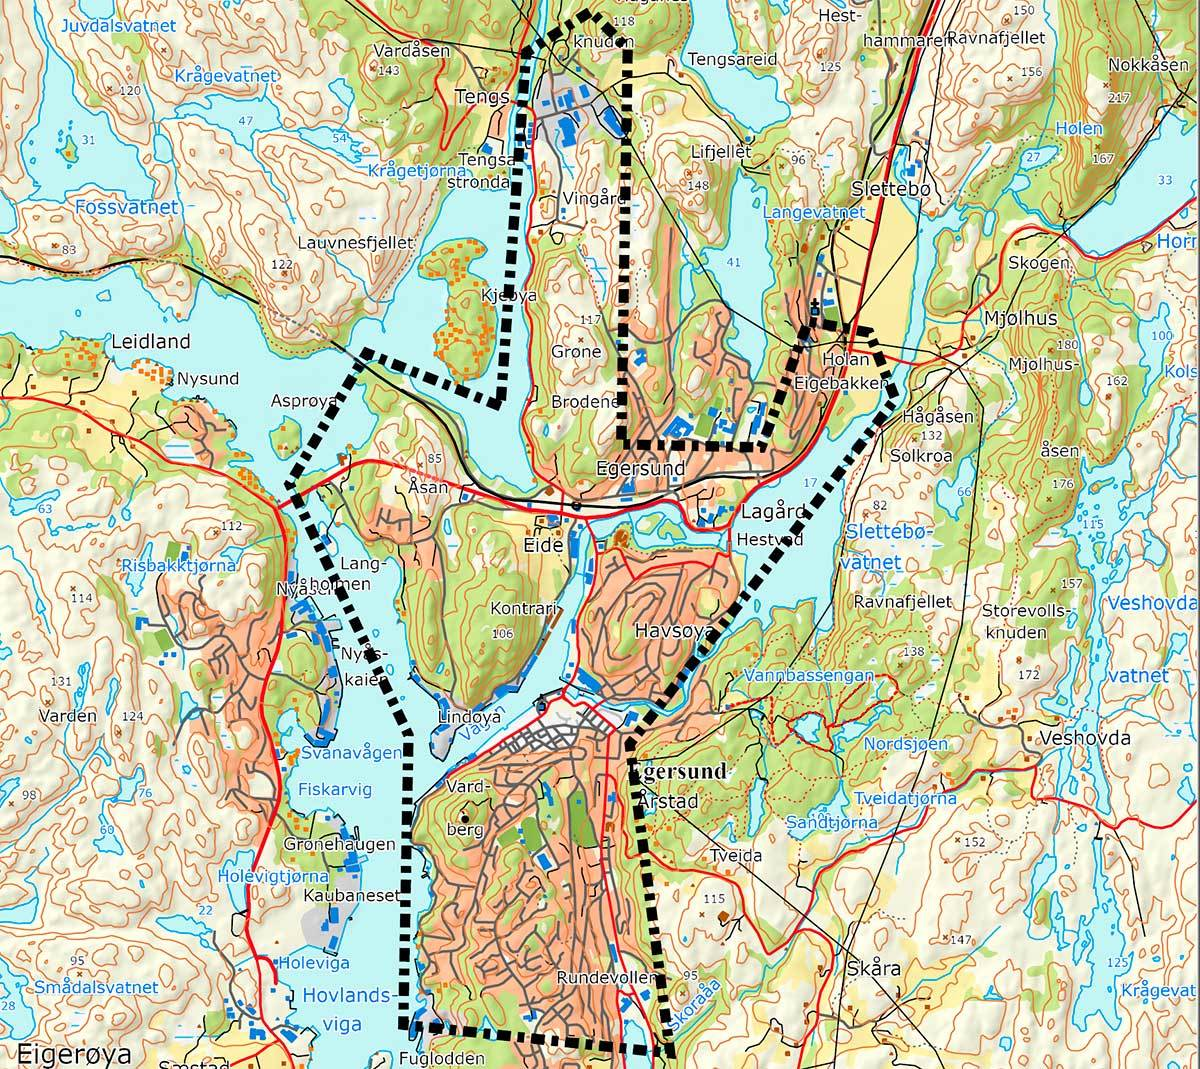 Kart over område for ny brannstasjon